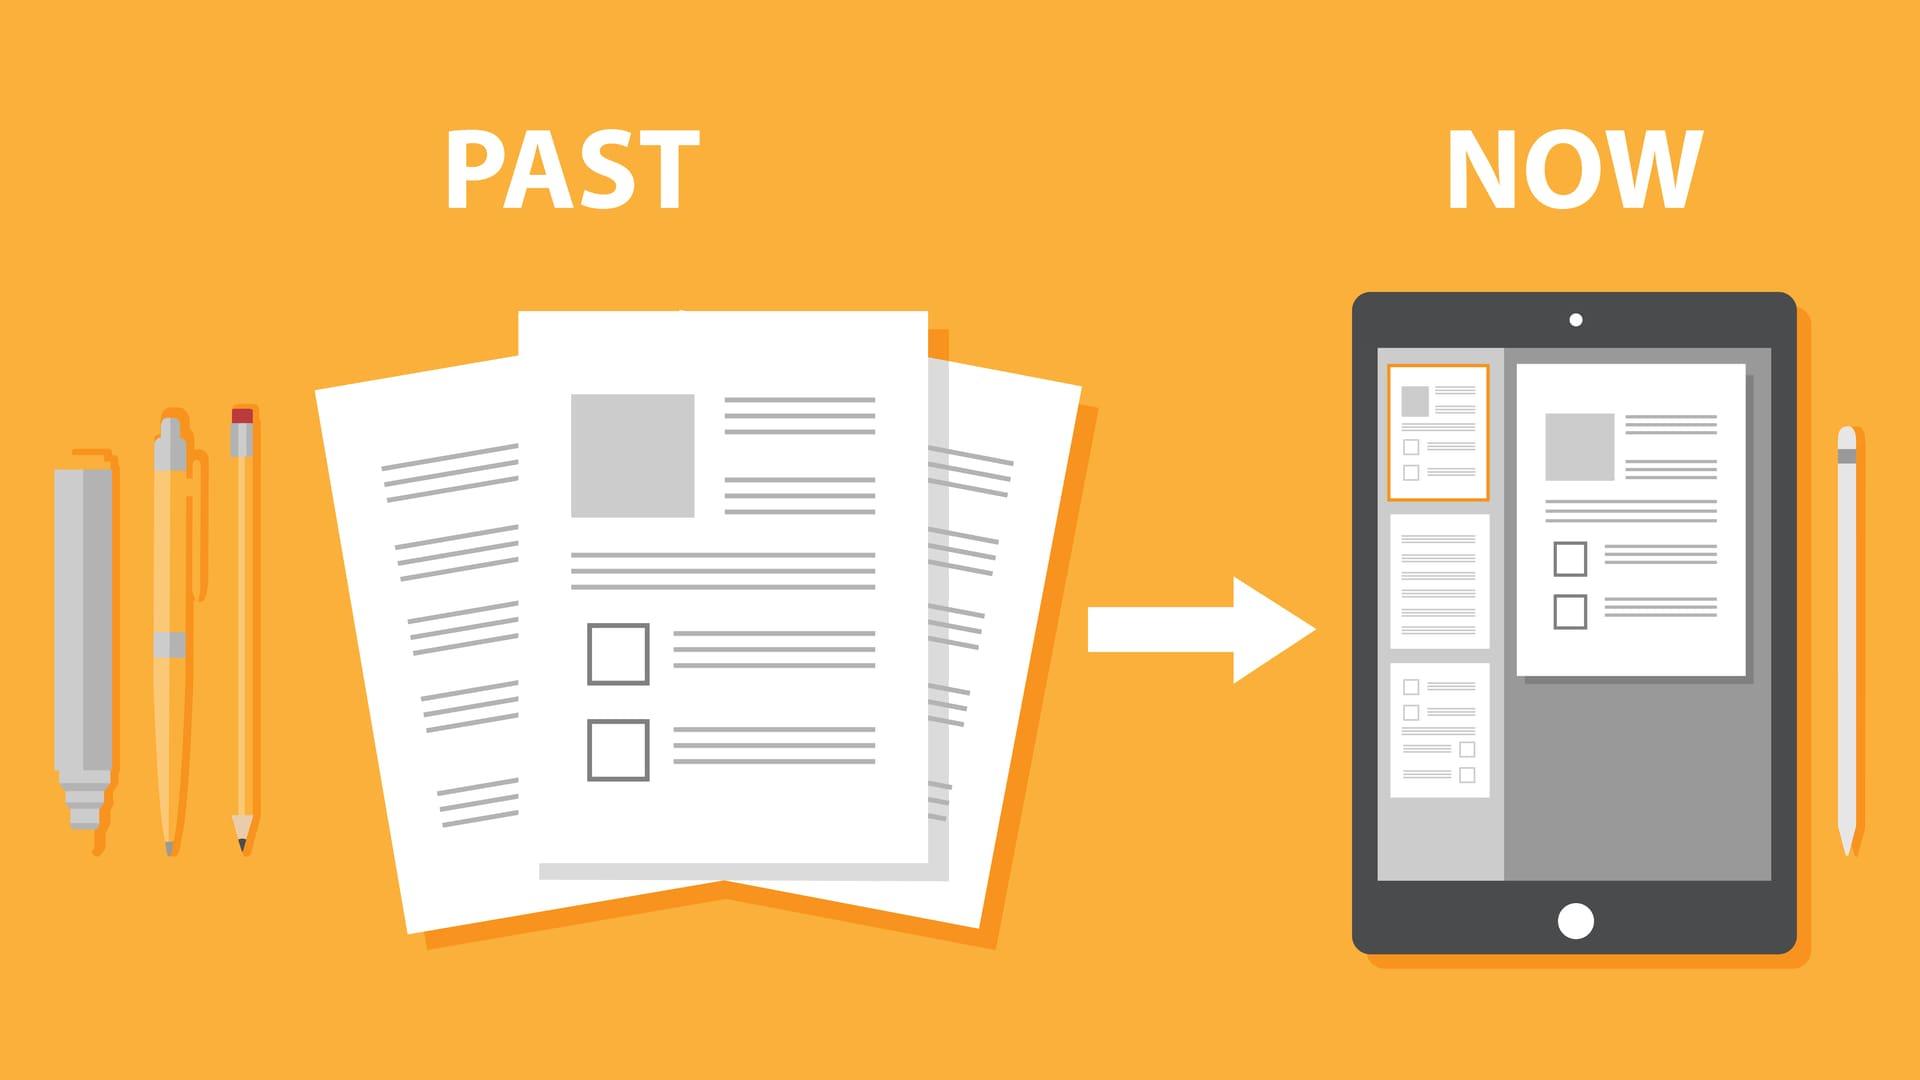 【介護ソフト】iPad タブレット端末で介護記録を作成